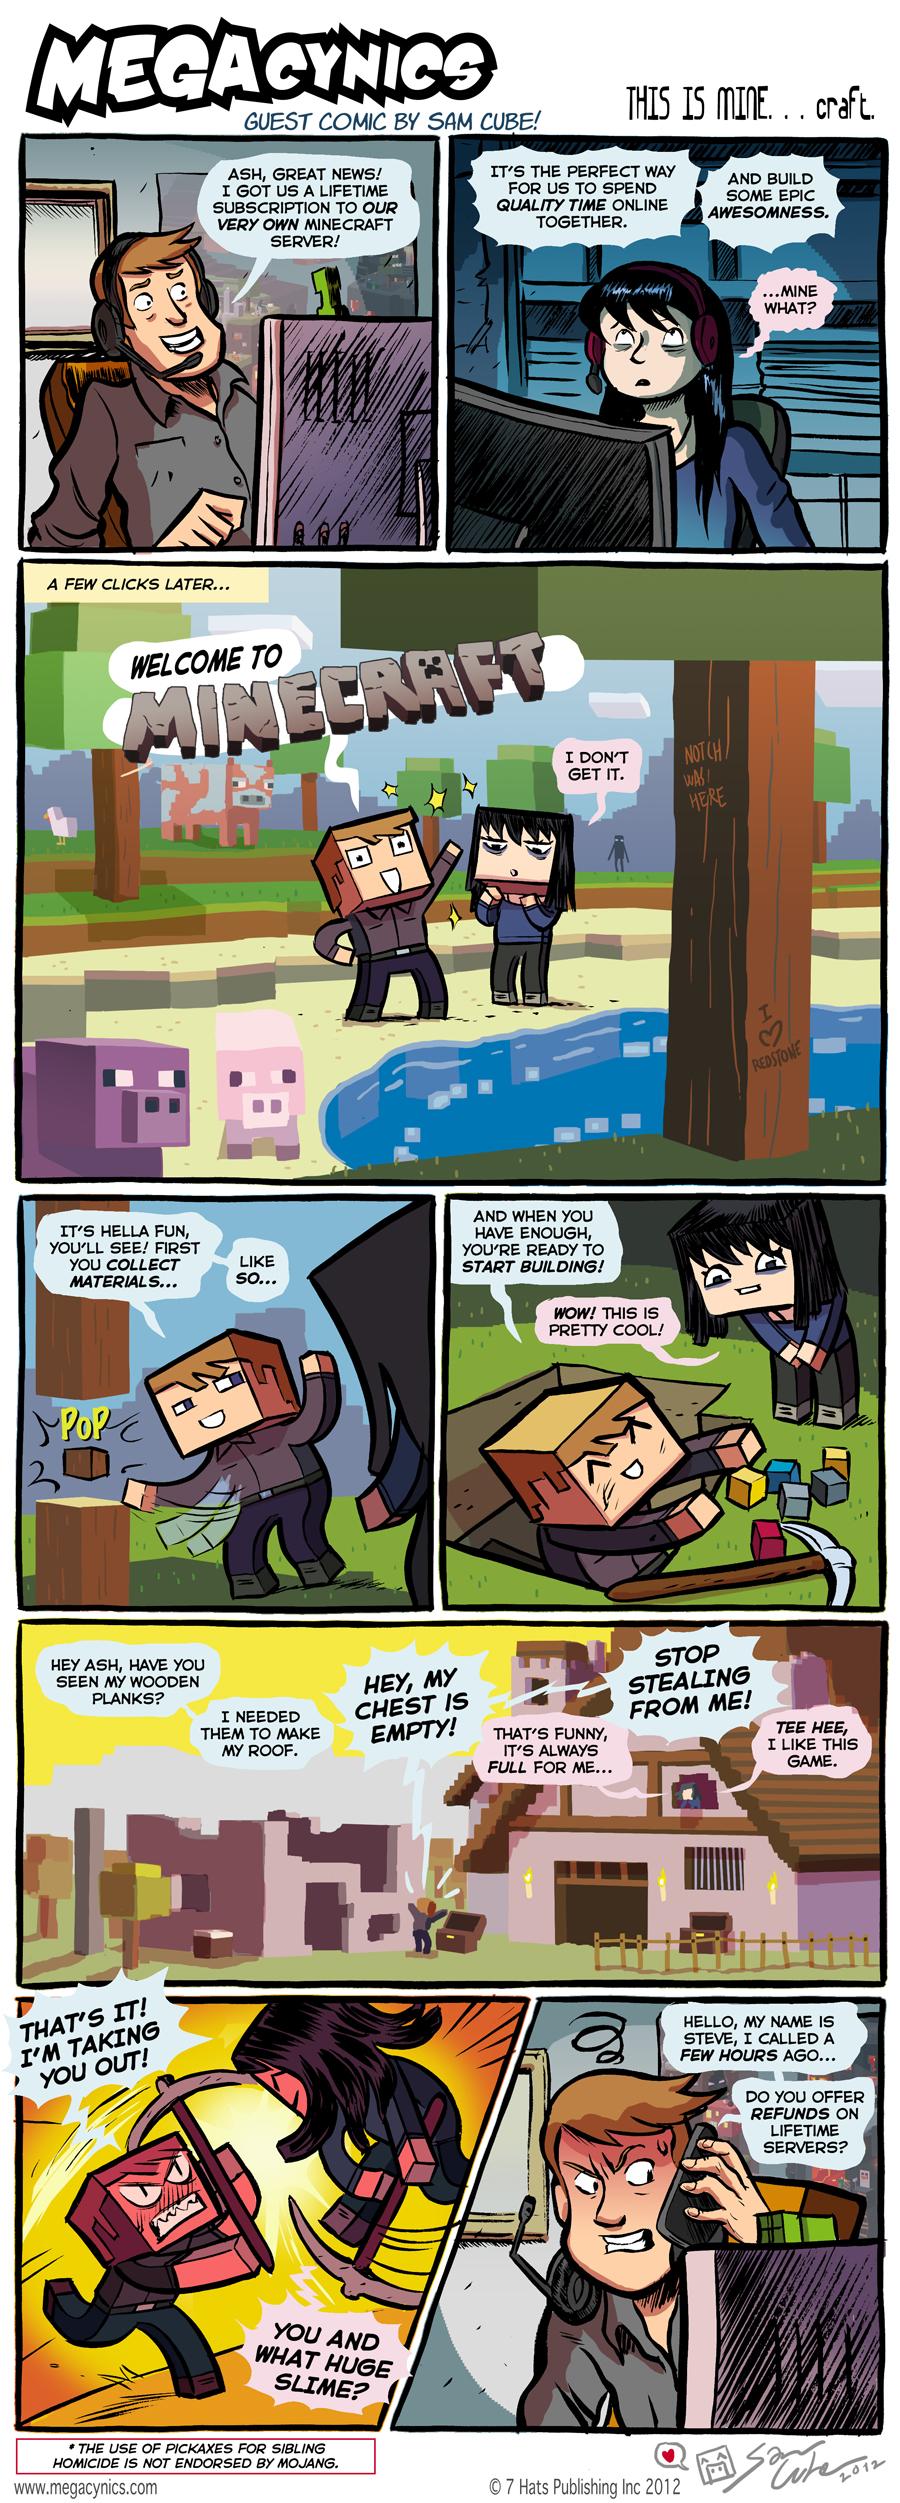 MegaCynics: THIS IS MINE... craft (Feb 10, 2012)